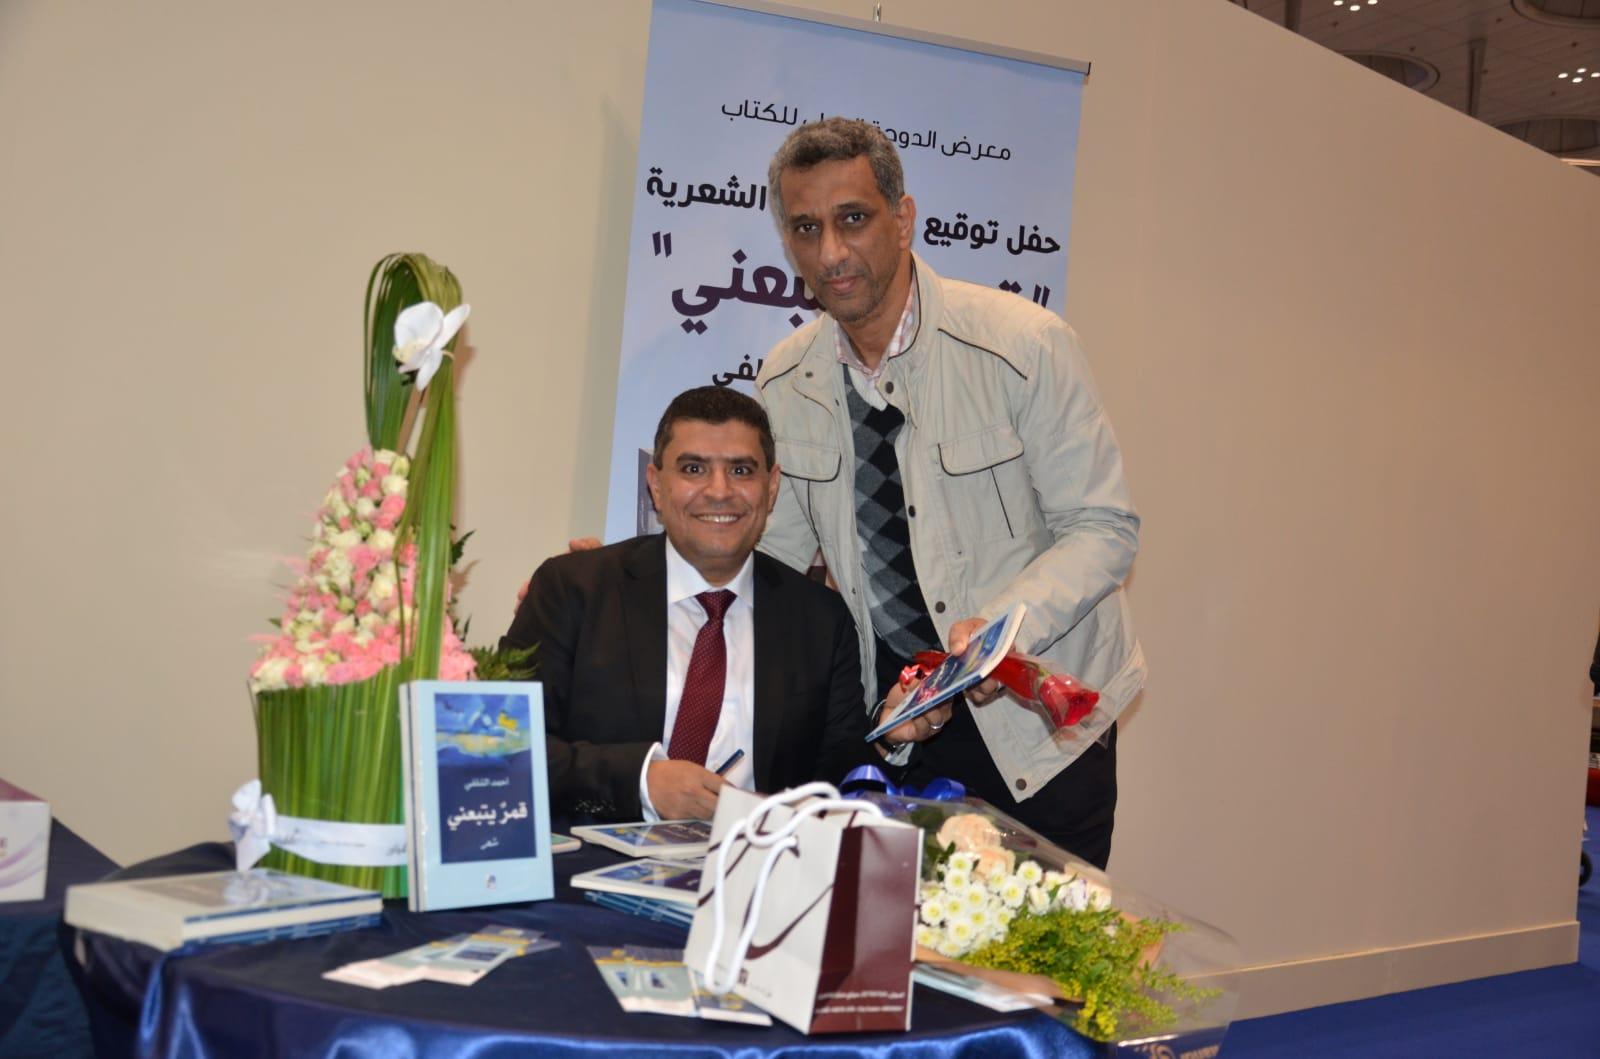 شاهد .. الشاعر أحمد الشلفي يوقع ديوانه الجديد